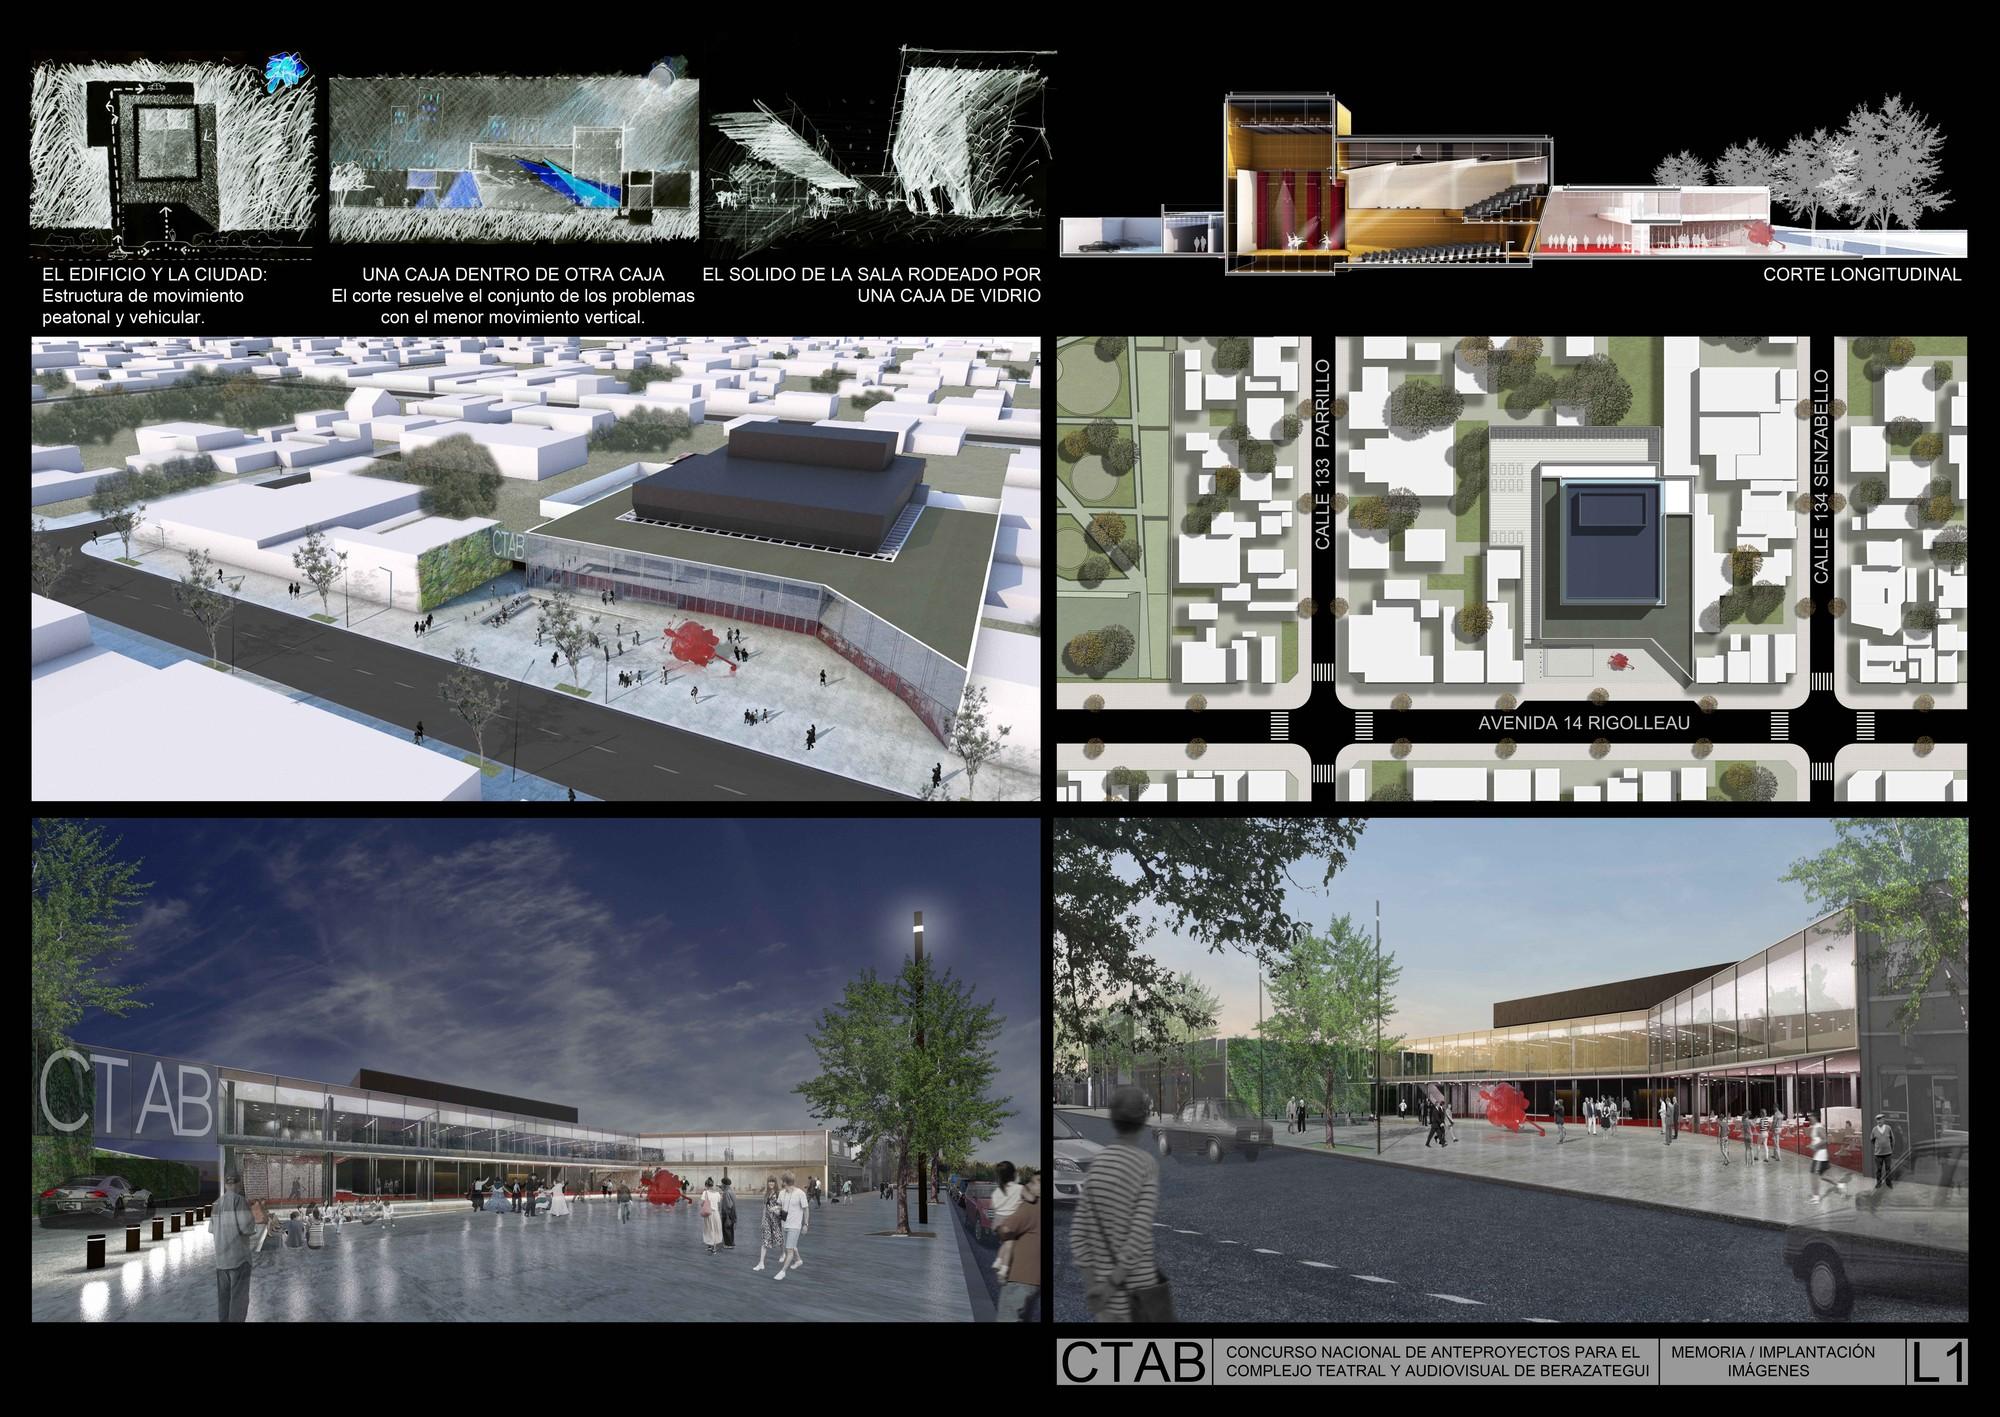 Lamina Mencion Equipo 22. Image Courtesy of Colegio de Arquitectos de la Provincia de Buenos Aires